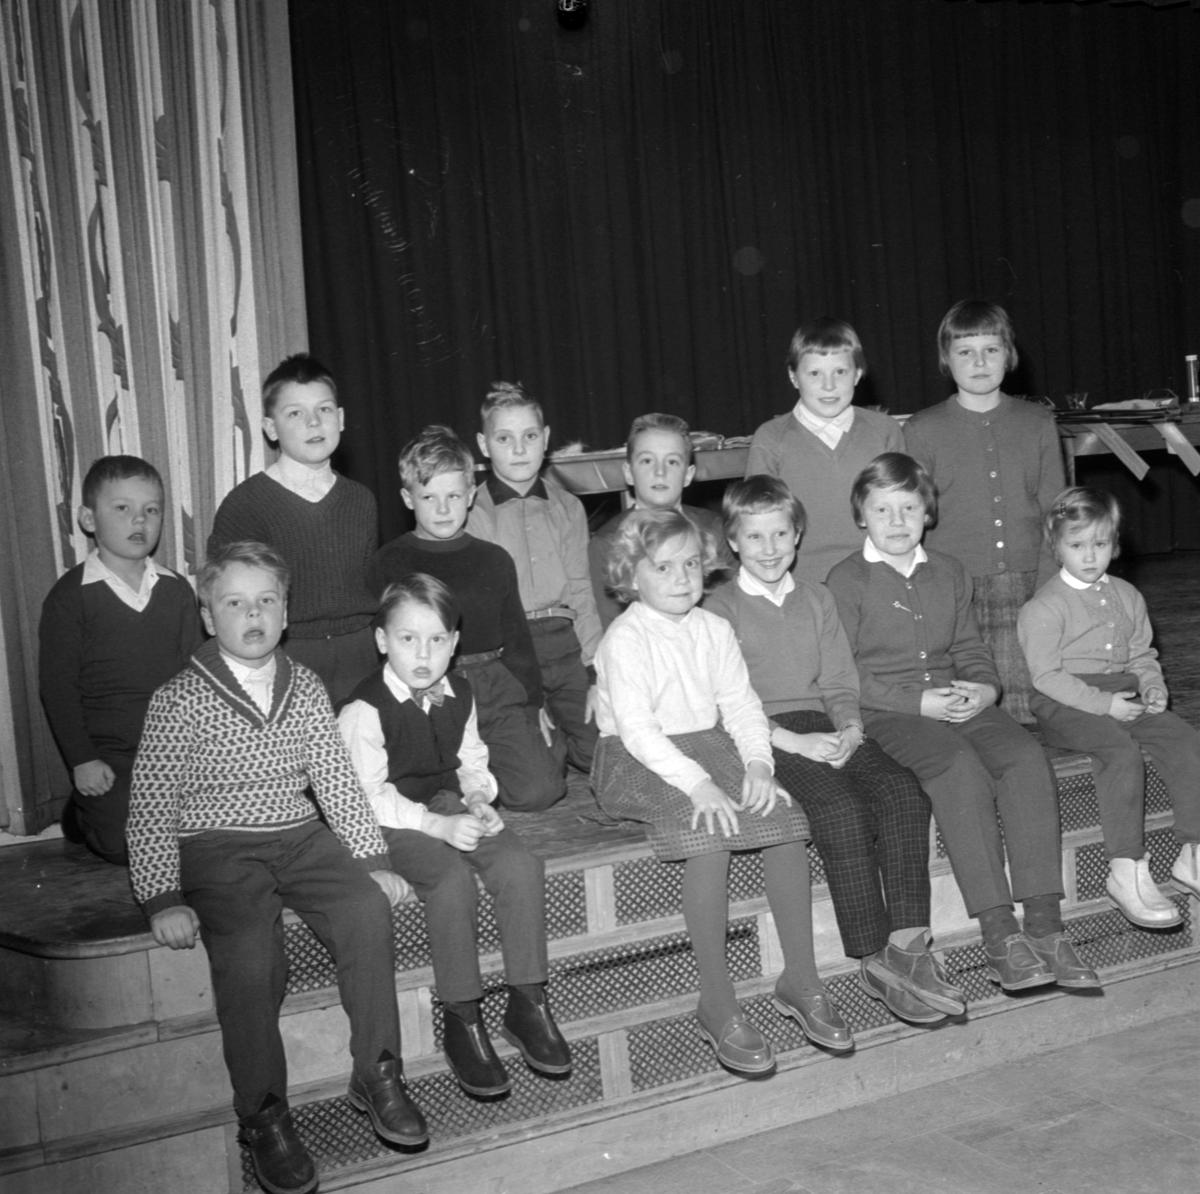 Gunillasvängen - avslutningsfest, Uppsala, februari 1960